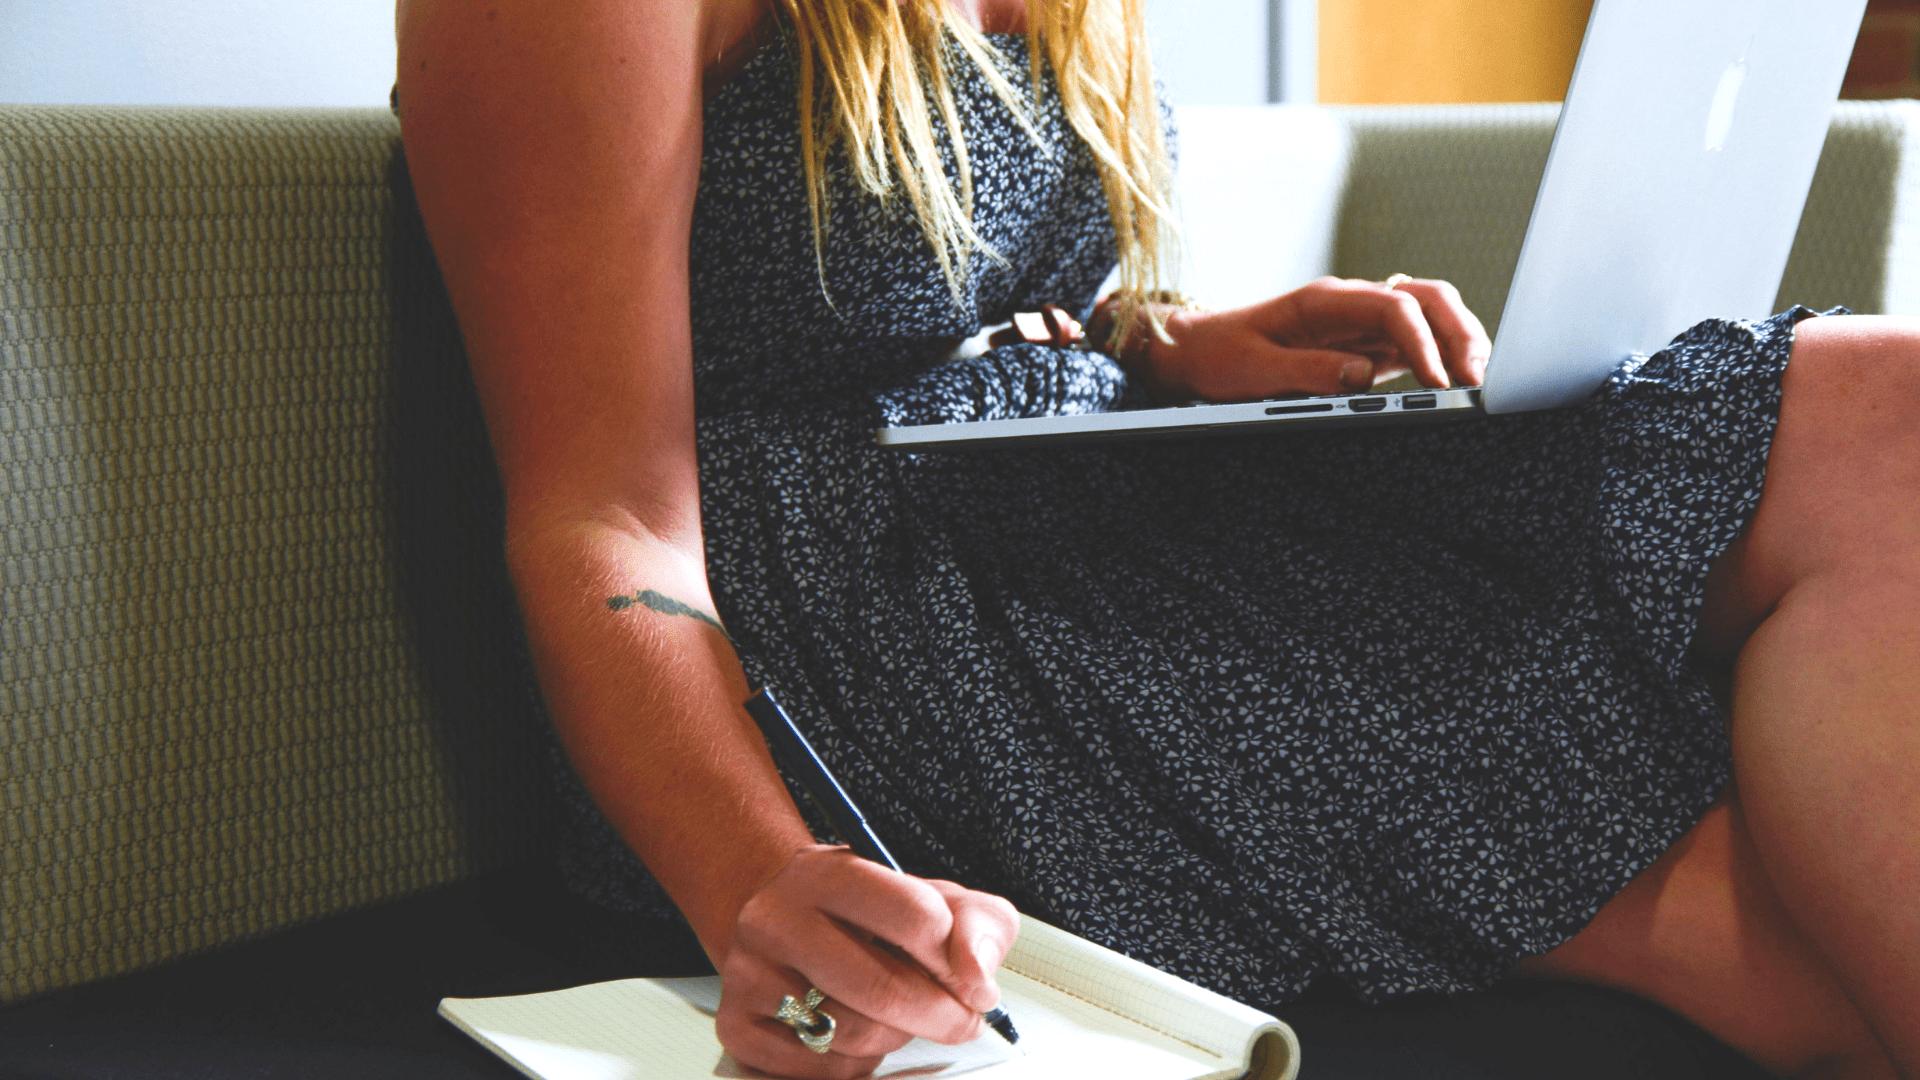 kobieta z laptopem, robiąca notatki – trener personalny kurs online